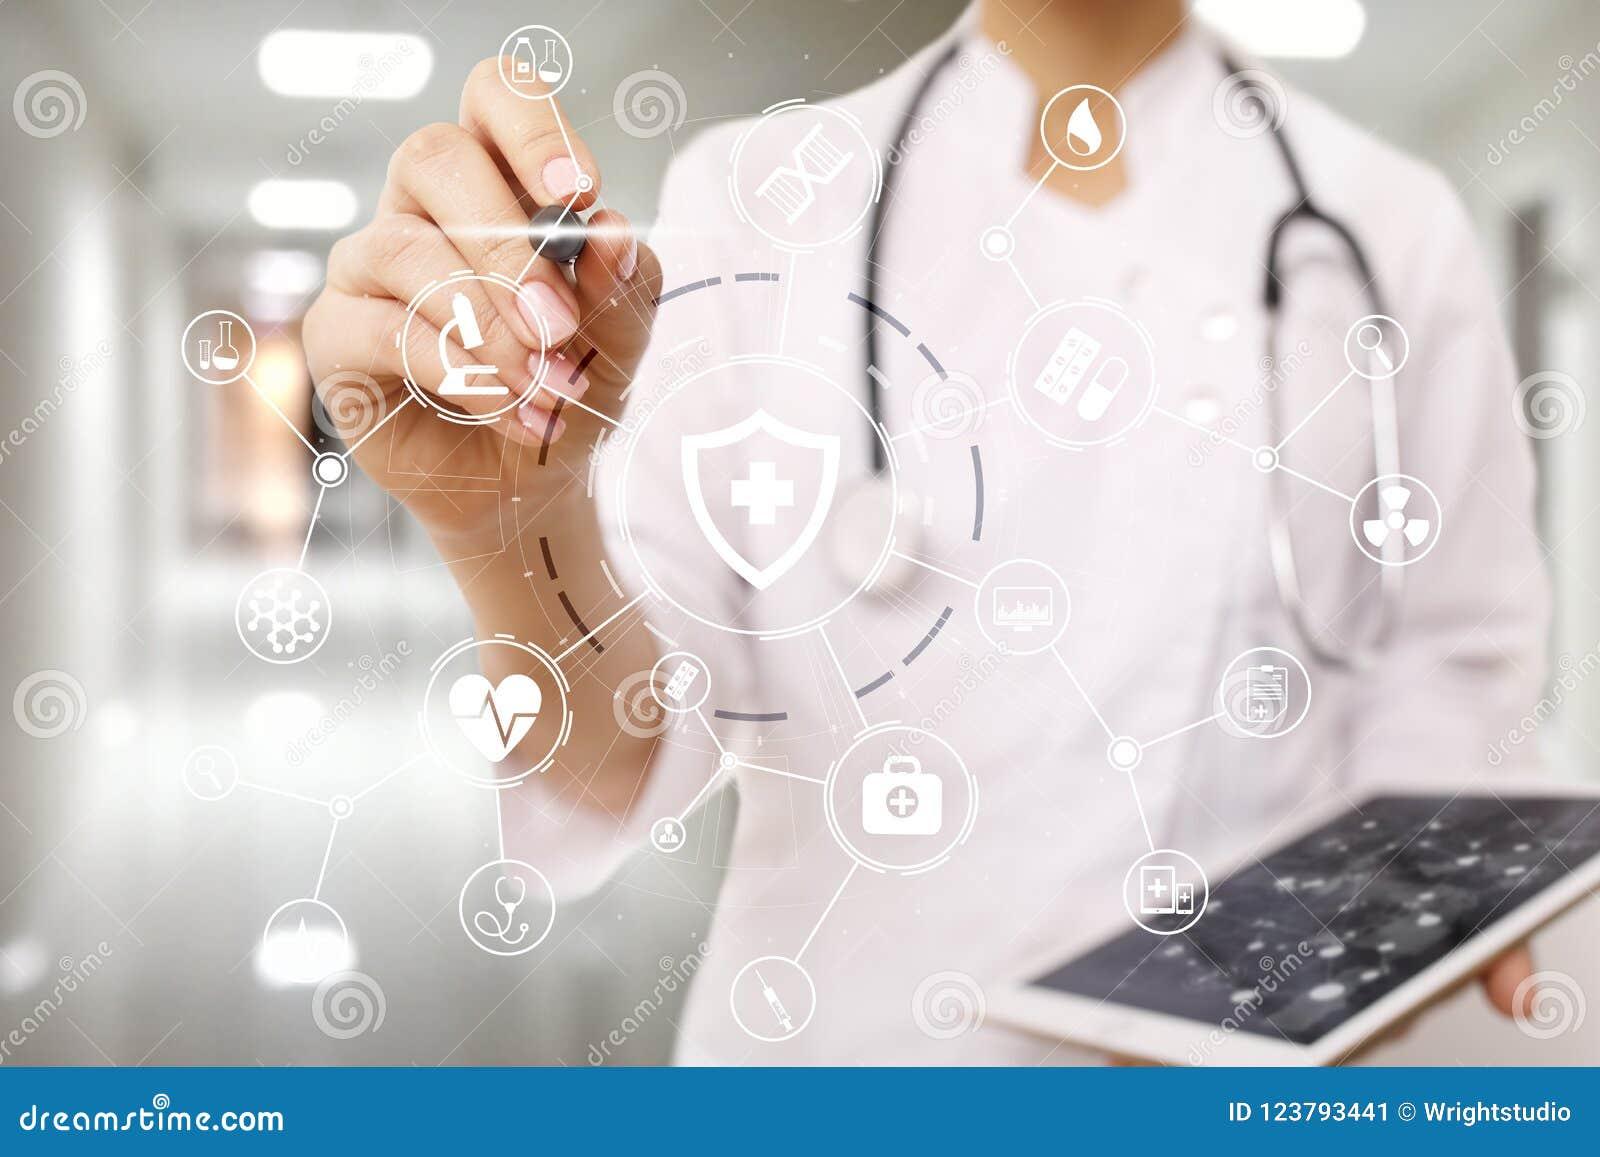 Doutor da medicina com computador moderno, relação da tela virtual e conexão de rede médica do ícone Conceito dos cuidados médico